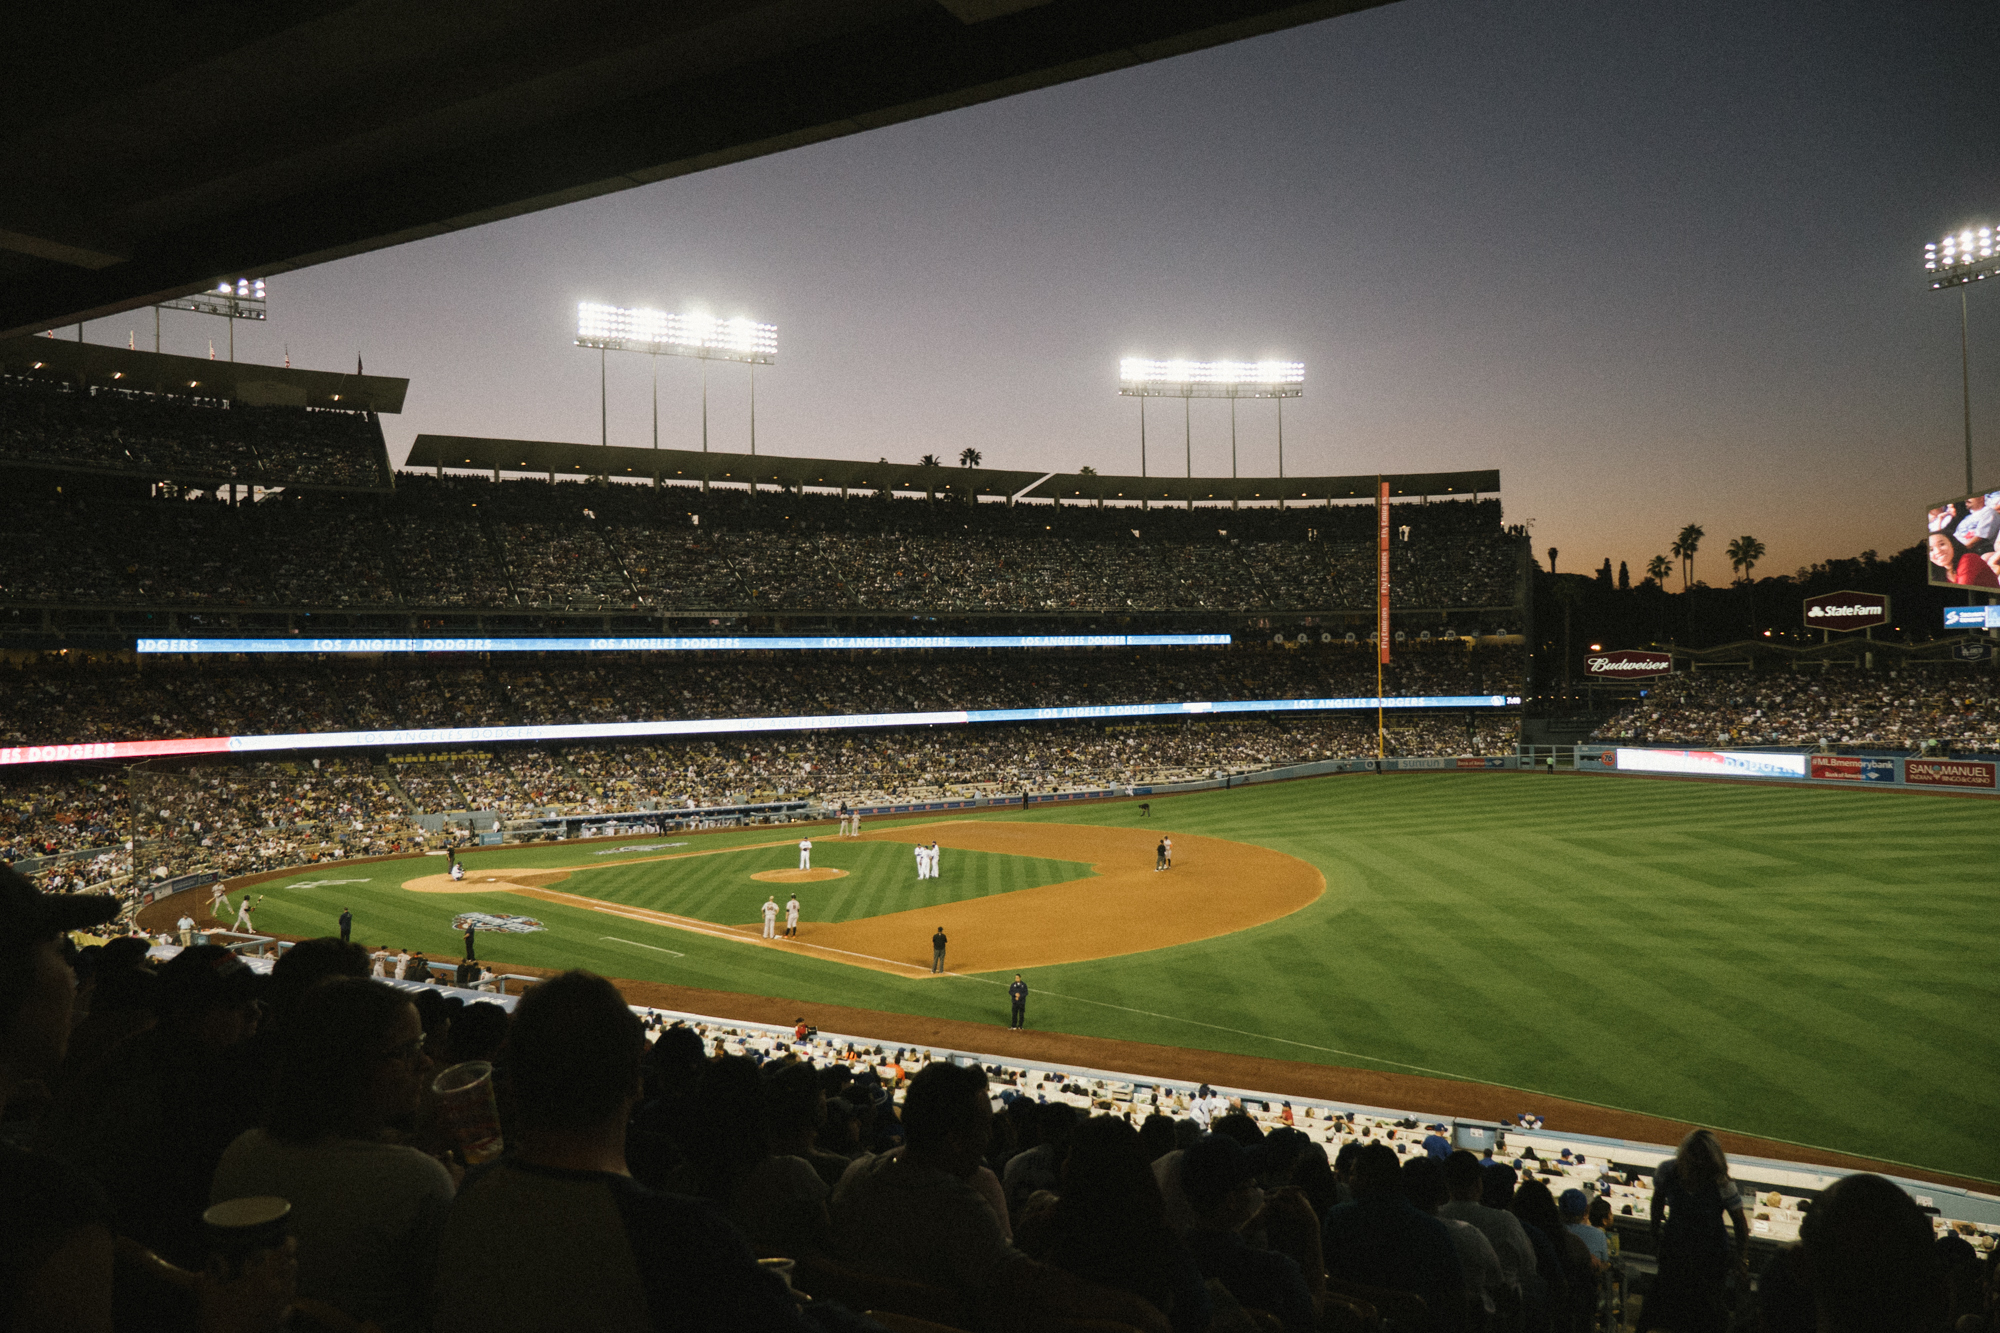 Pitching Change / Dodger Stadium